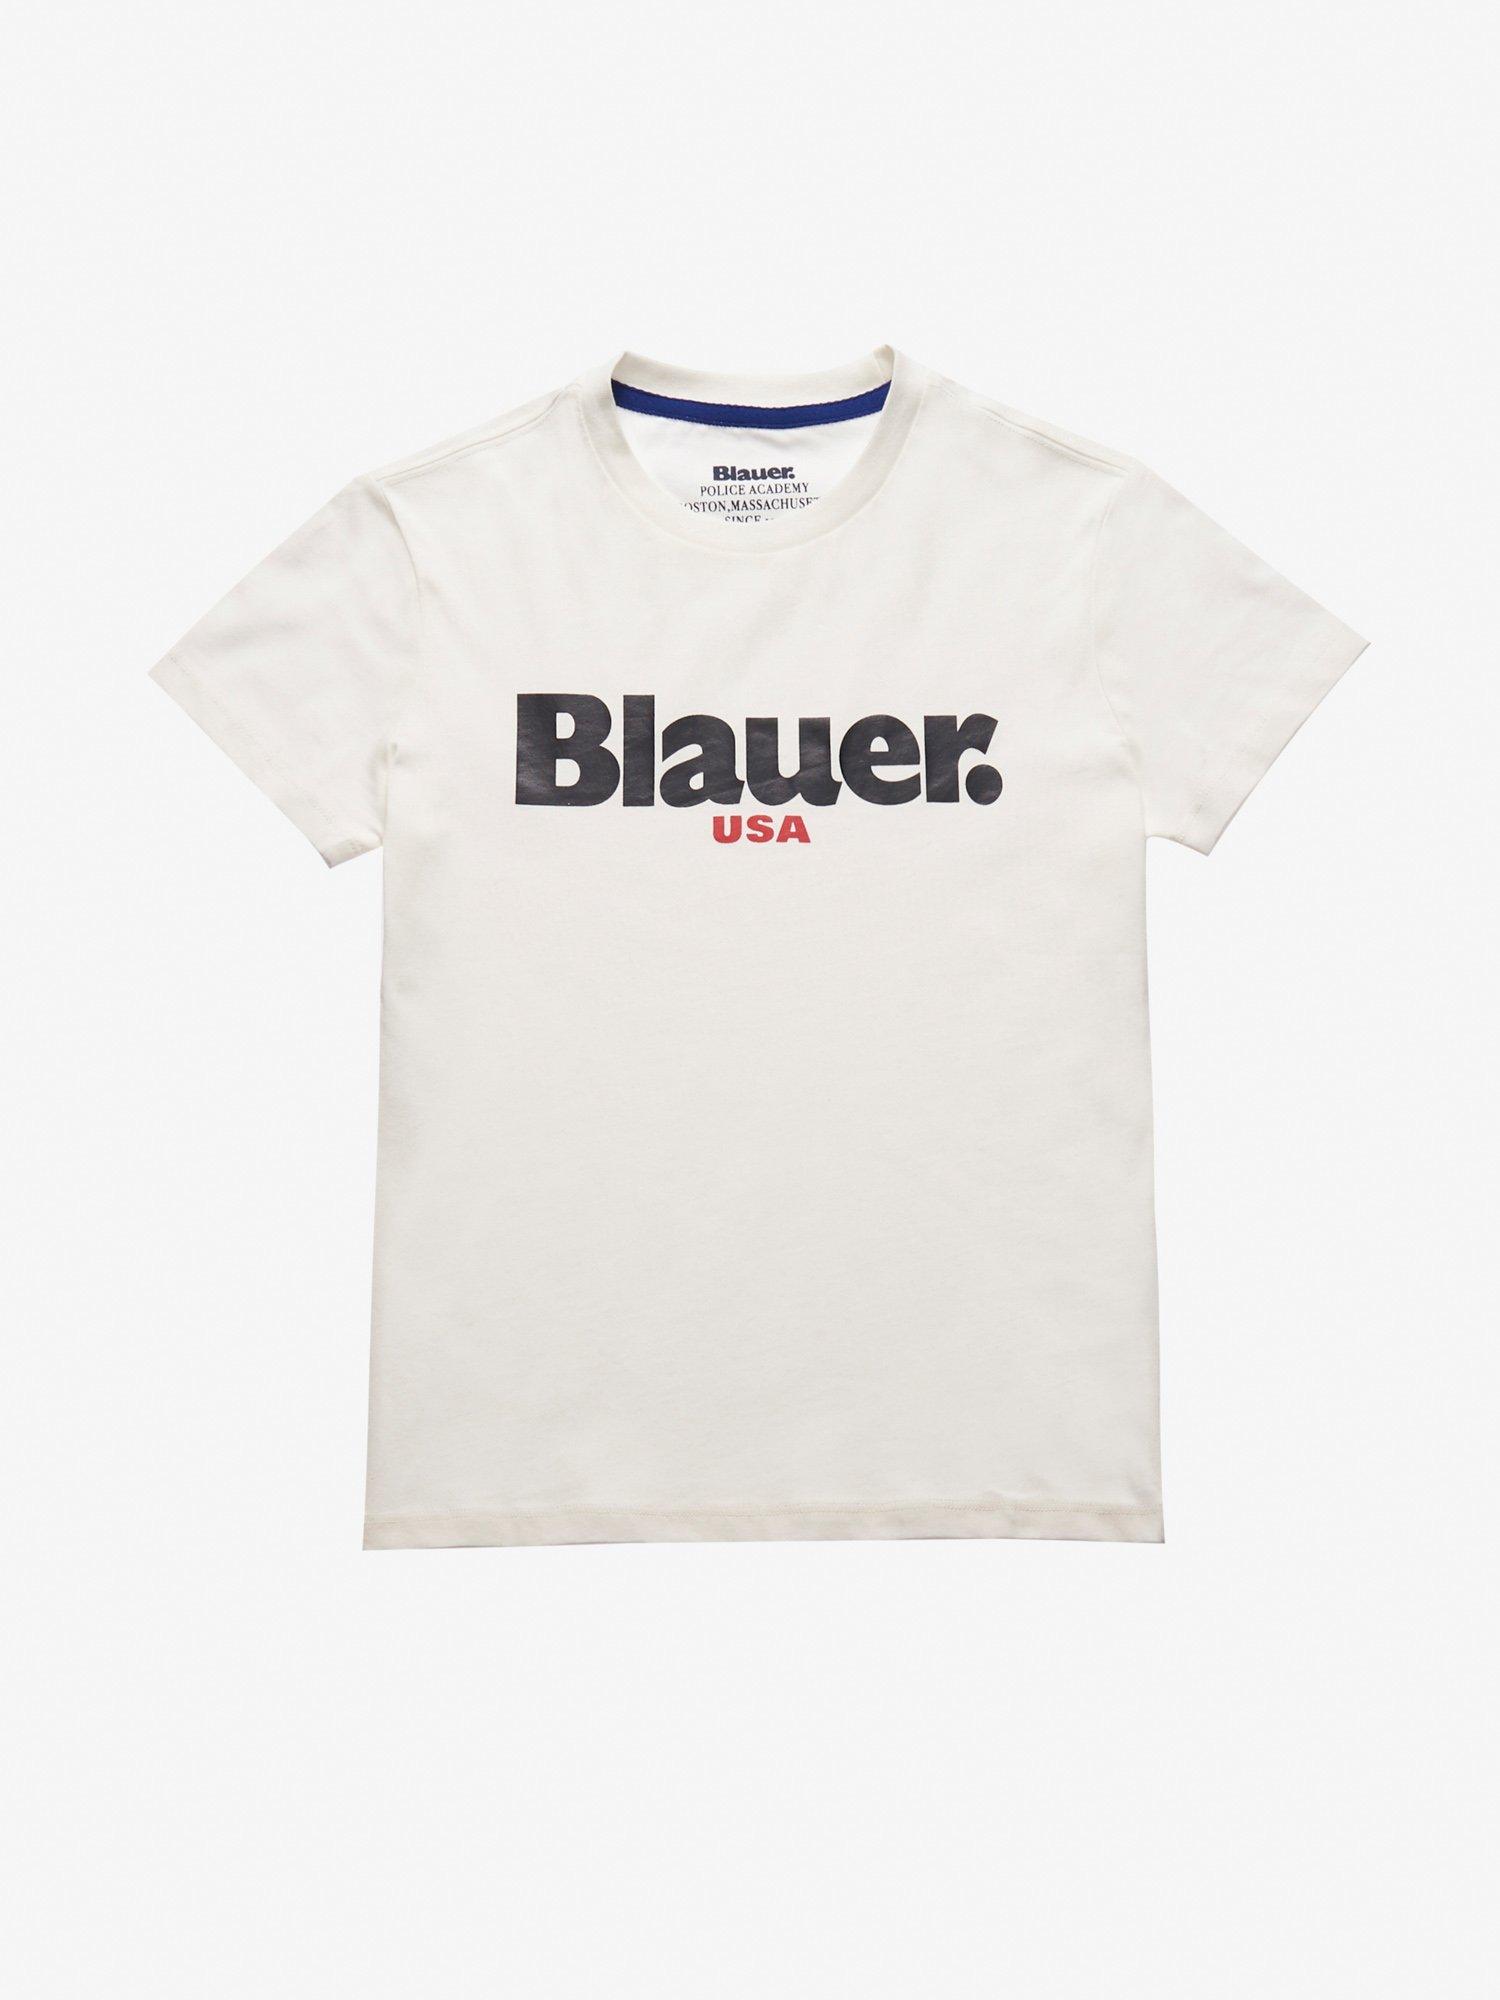 Blauer - JUNIOR BLAUER USA T-SHIRT - Ivory - Blauer